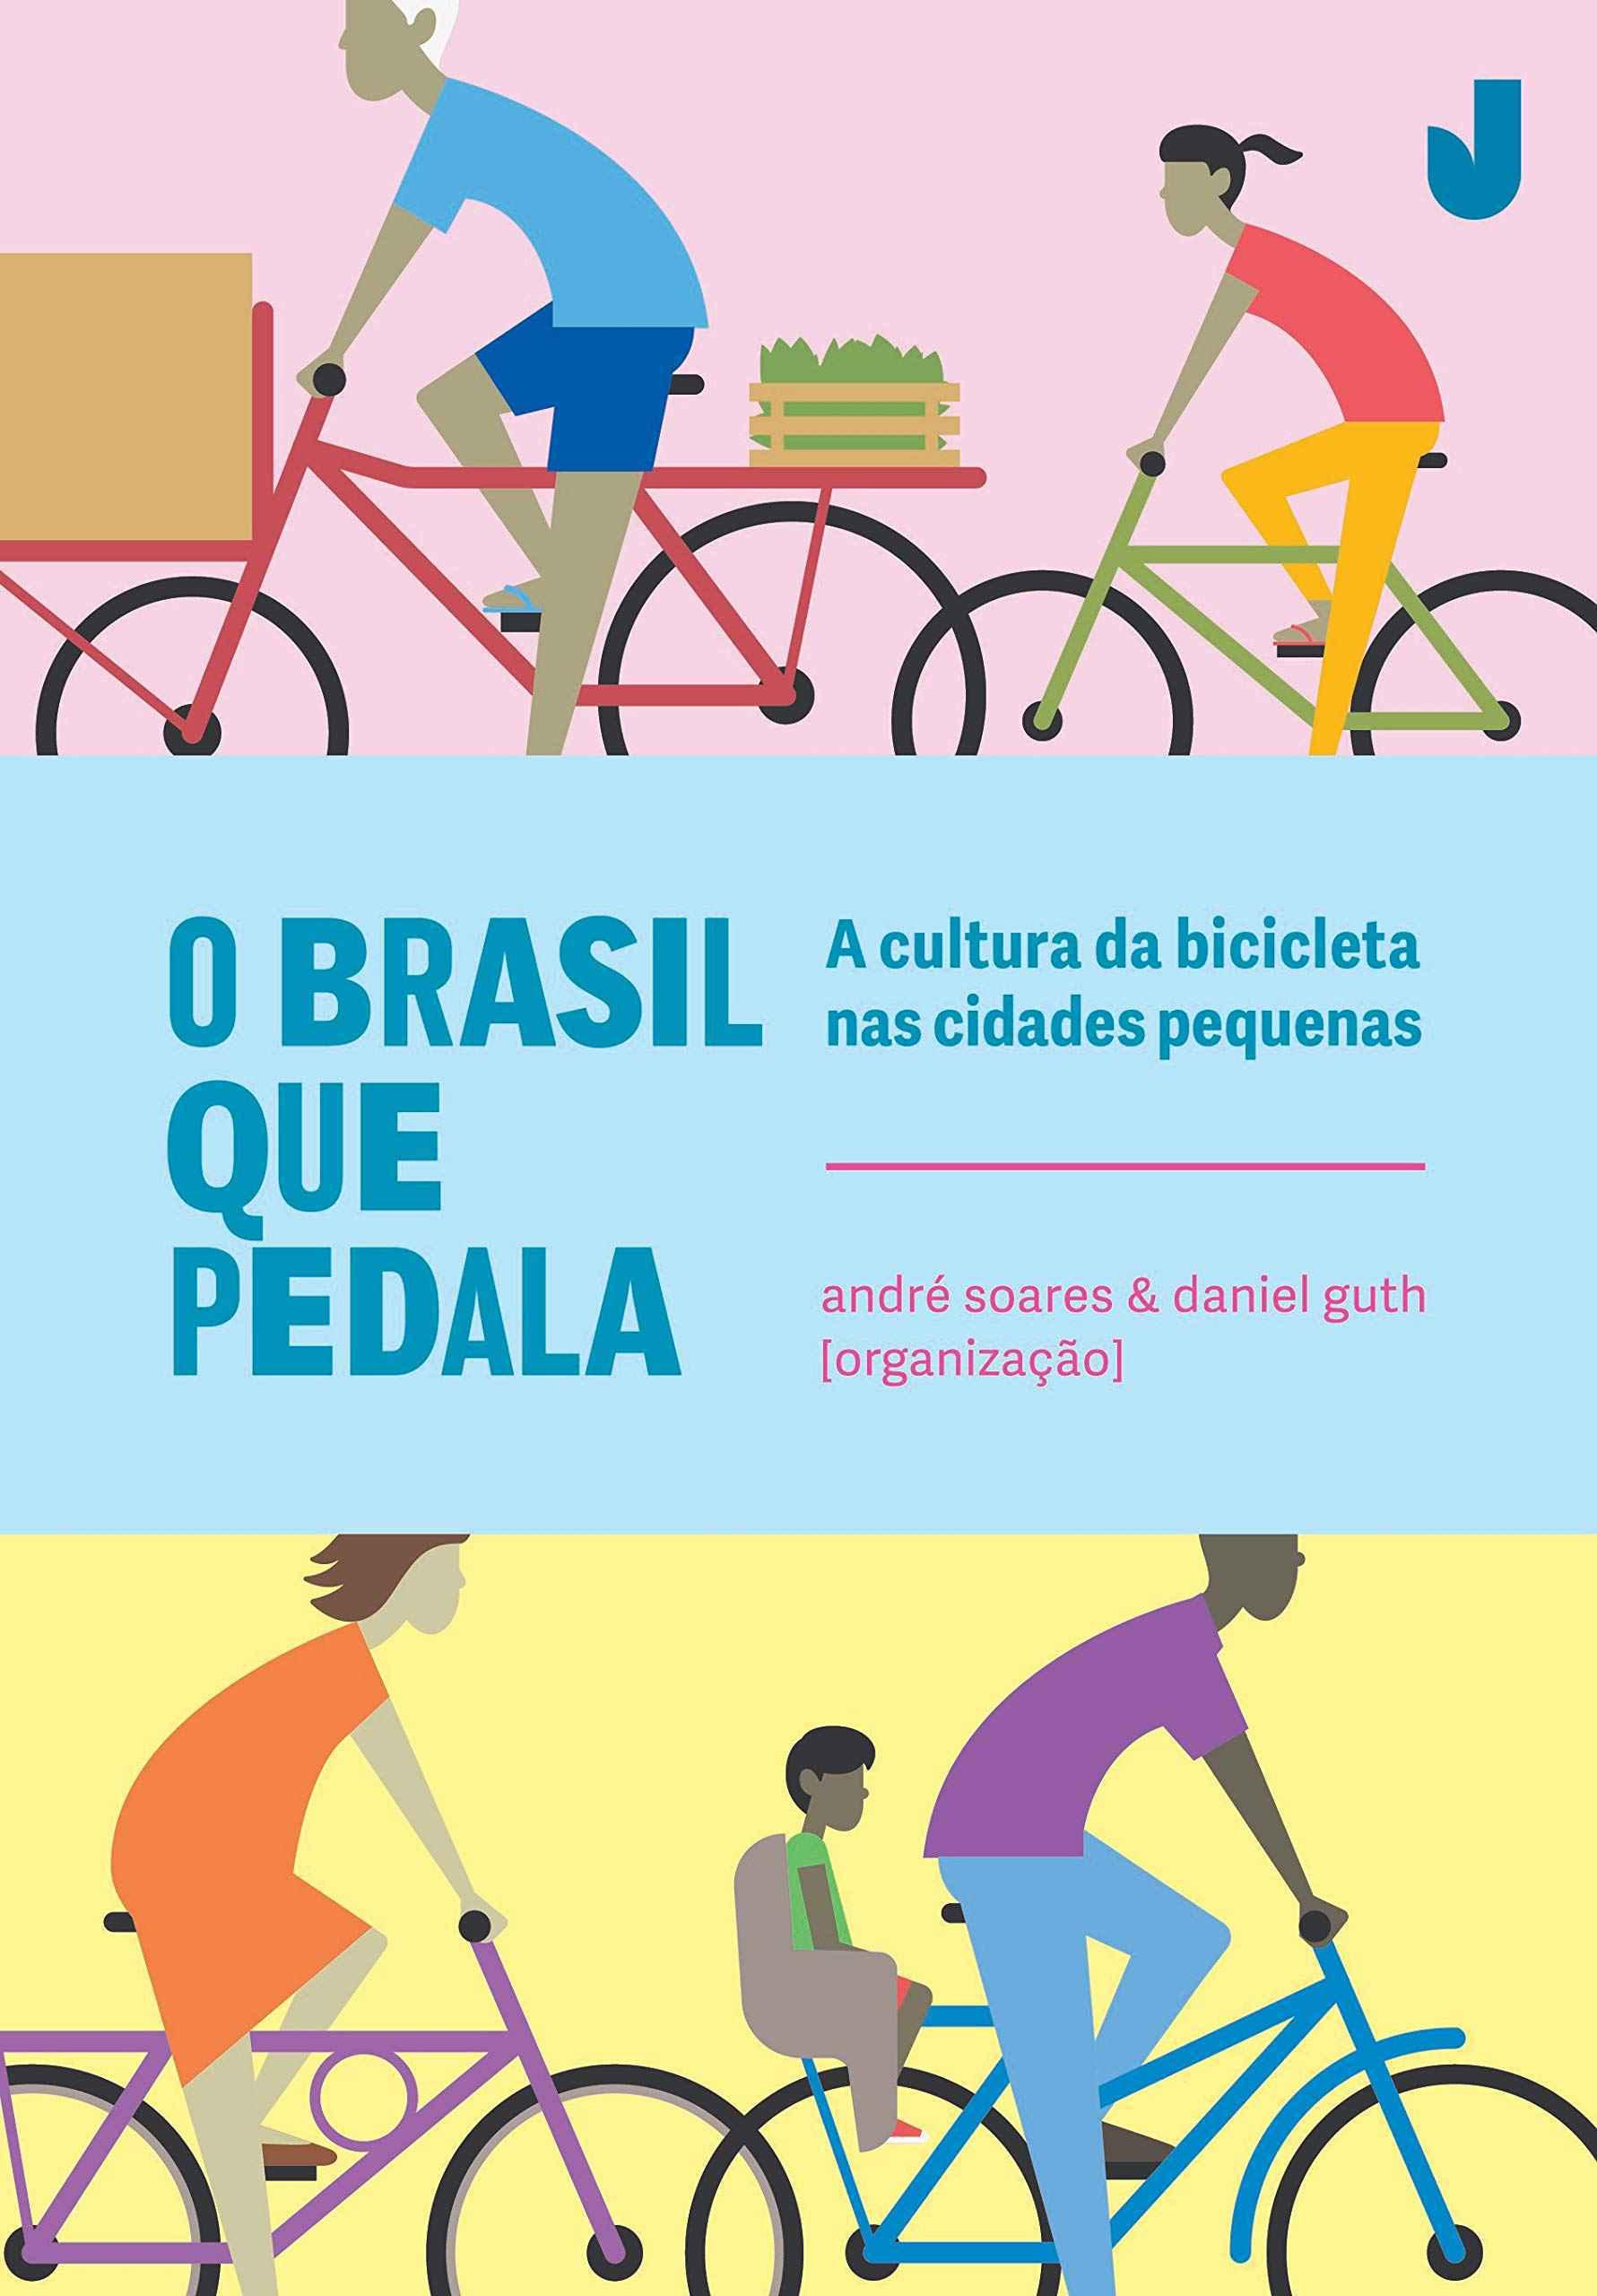 Livro pesquisou pequenas cidades onde a bicicleta faz parte do dia a dia local.